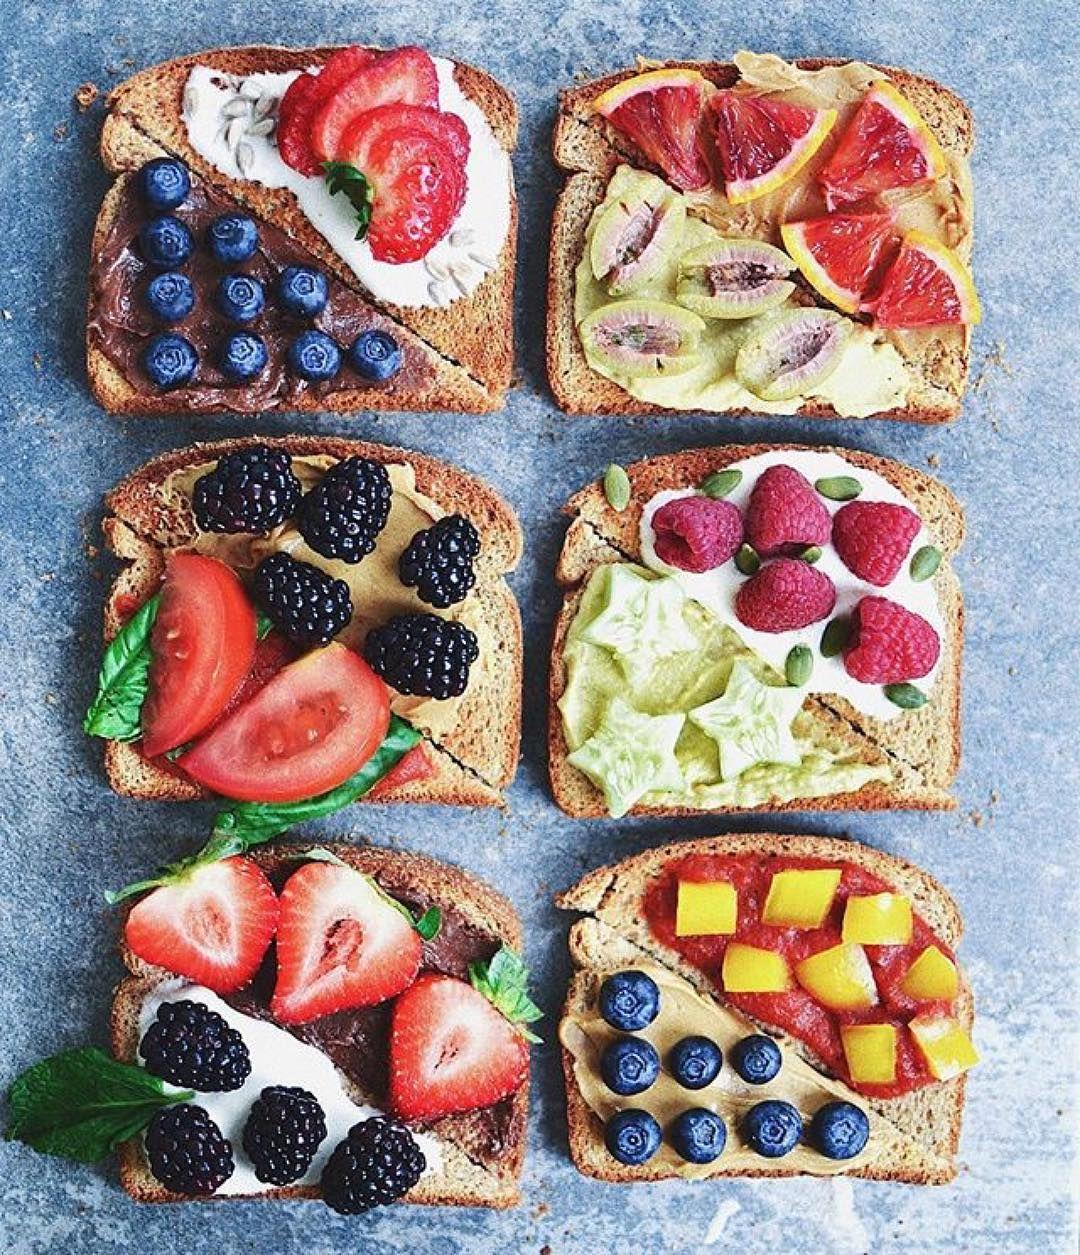 Healthy food recipe foodie cook httpsinstagramp healthy food recipe foodie cook httpsinstagram forumfinder Images